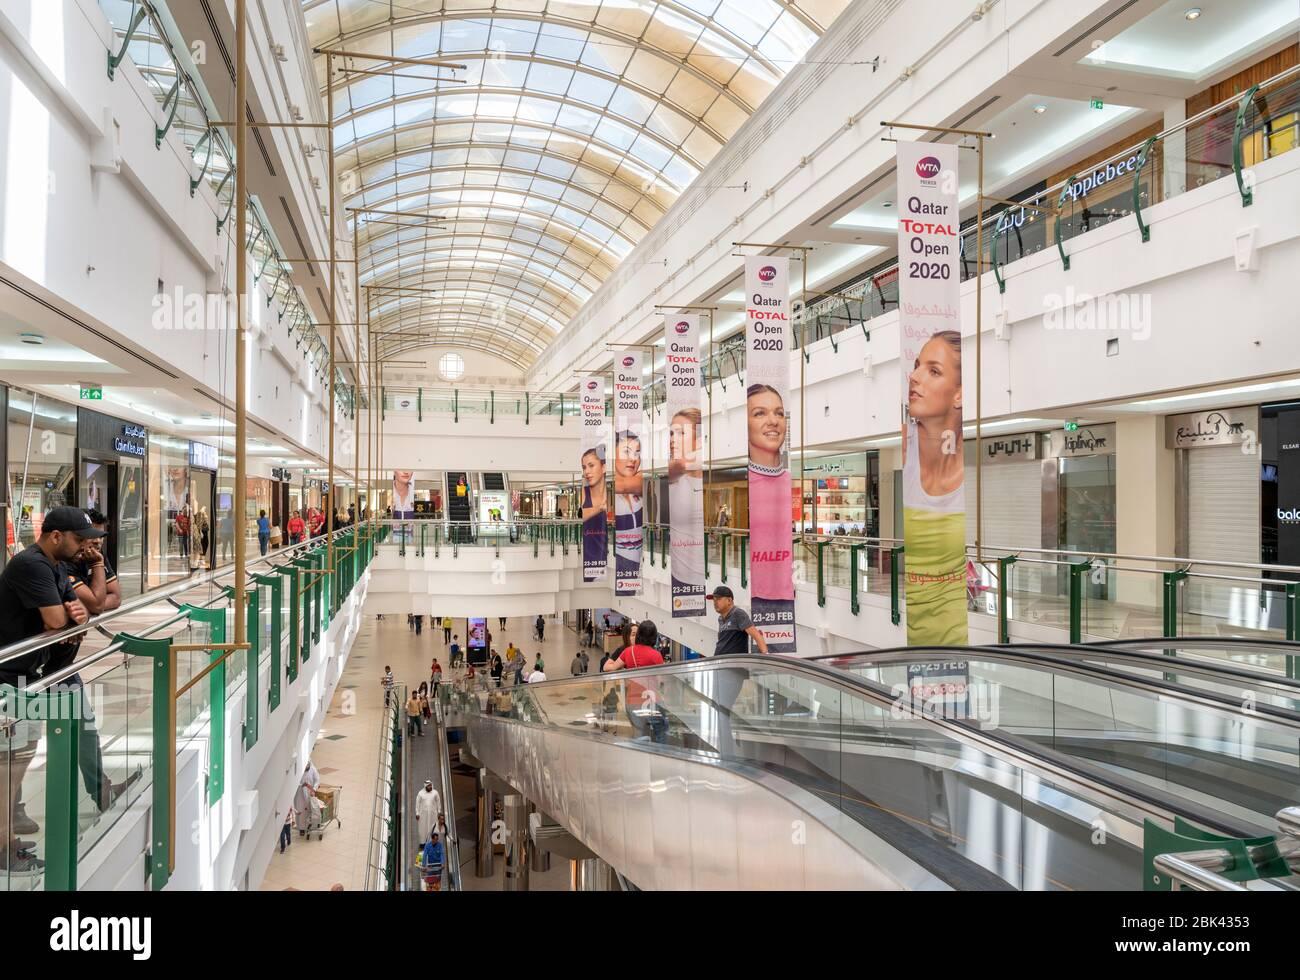 City Malls Imágenes De Stock & City Malls Fotos De Stock Alamy